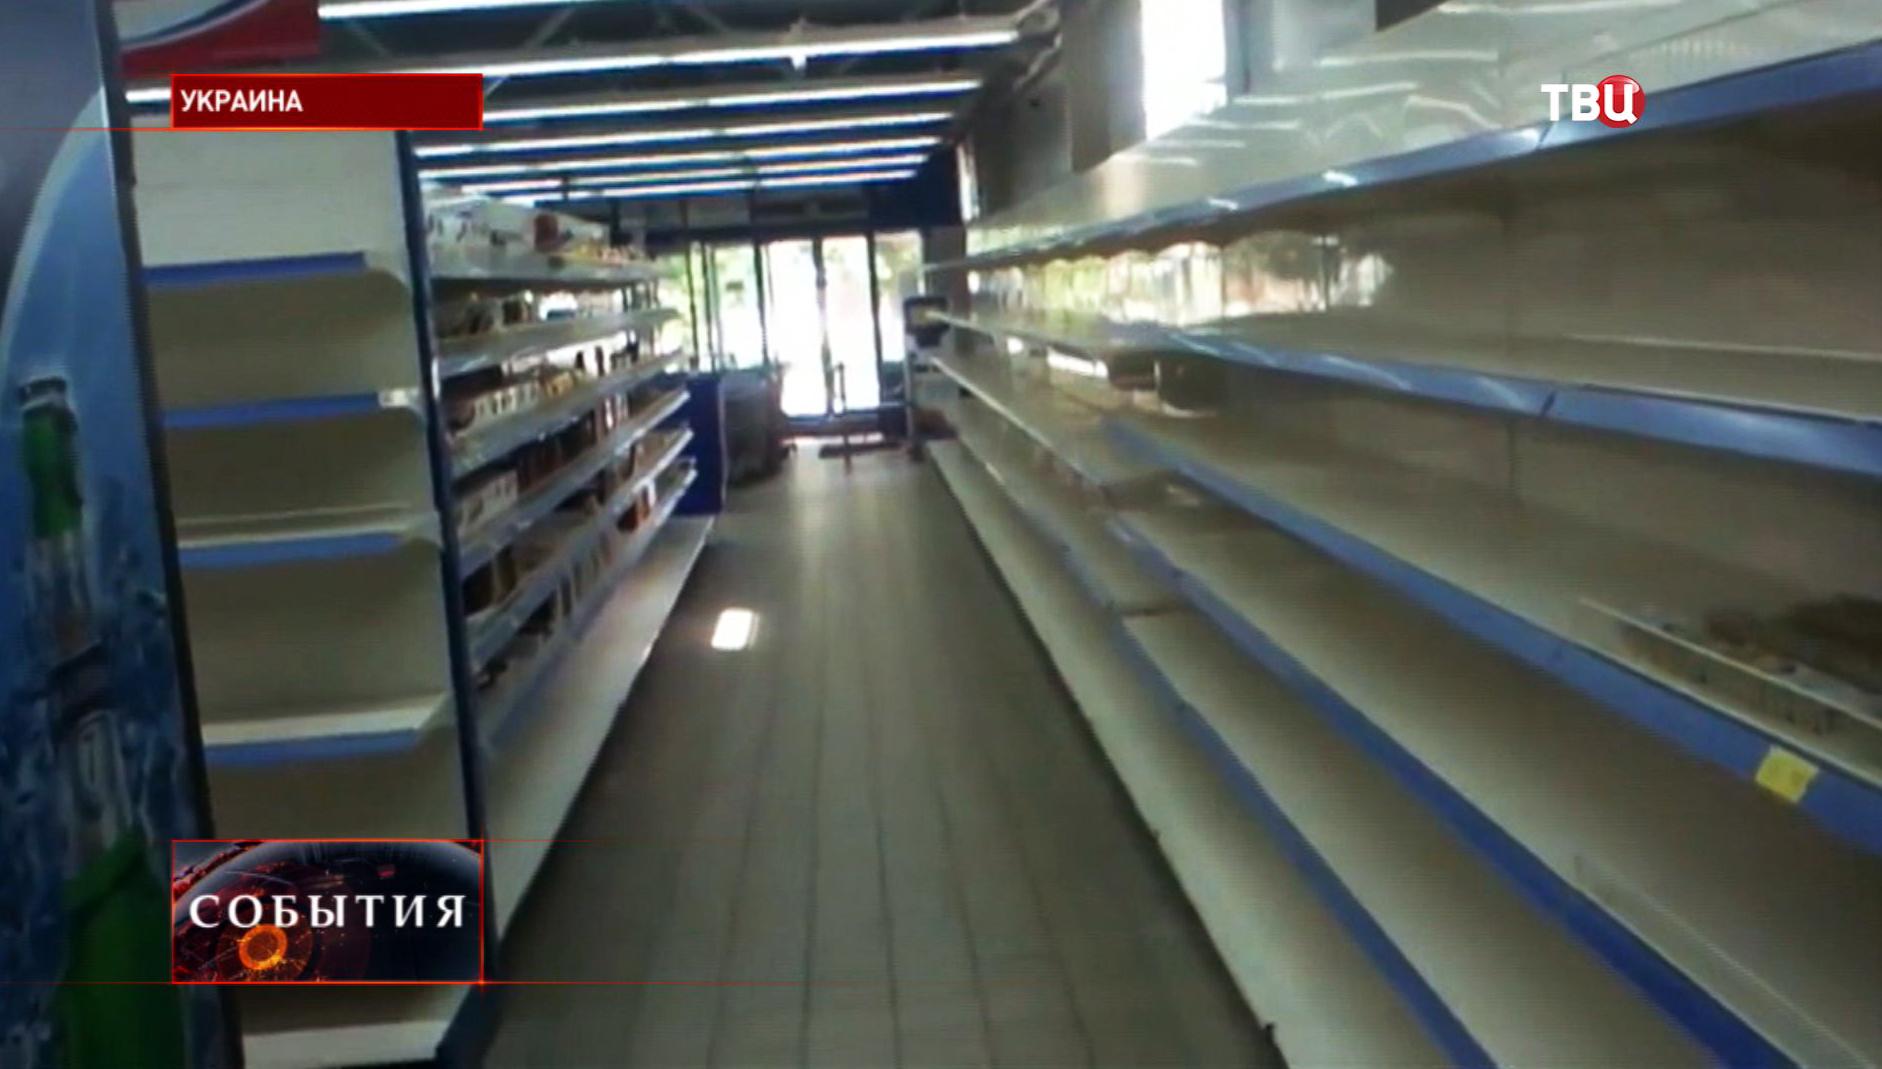 Пустые полки в магазинах на юго-востоке Украины